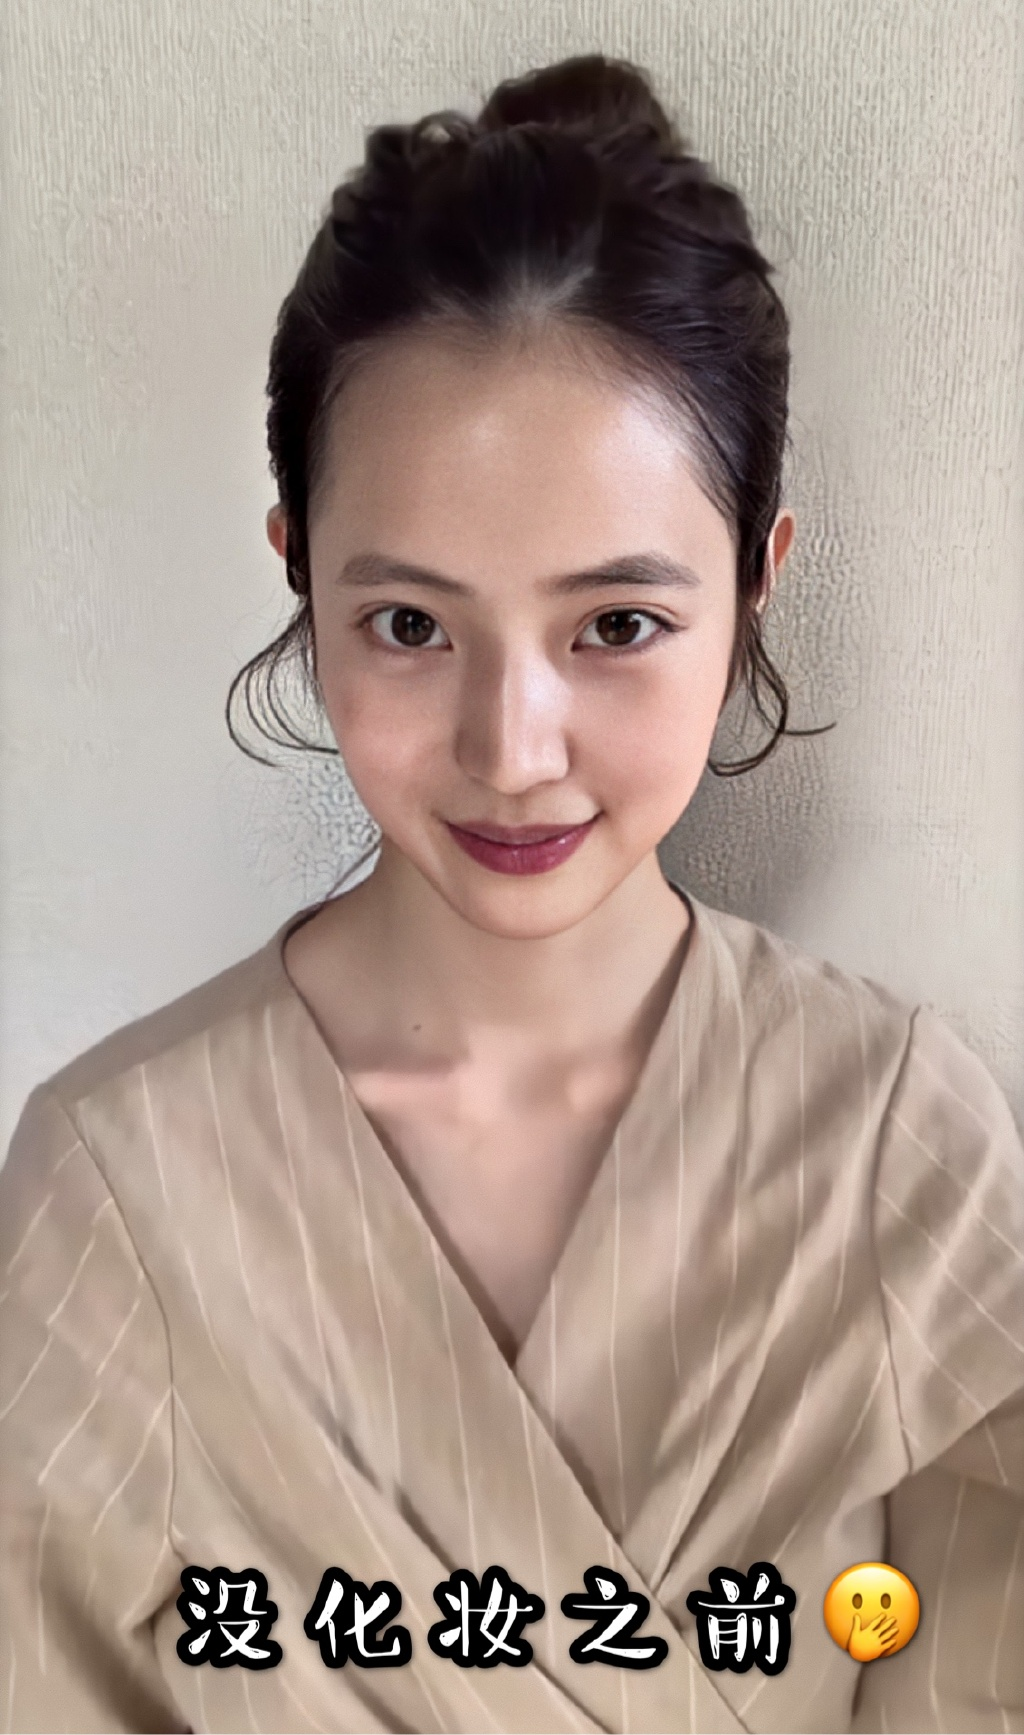 藤田素颜和化妆有啥区别????我落泪 涨姿势 第1张